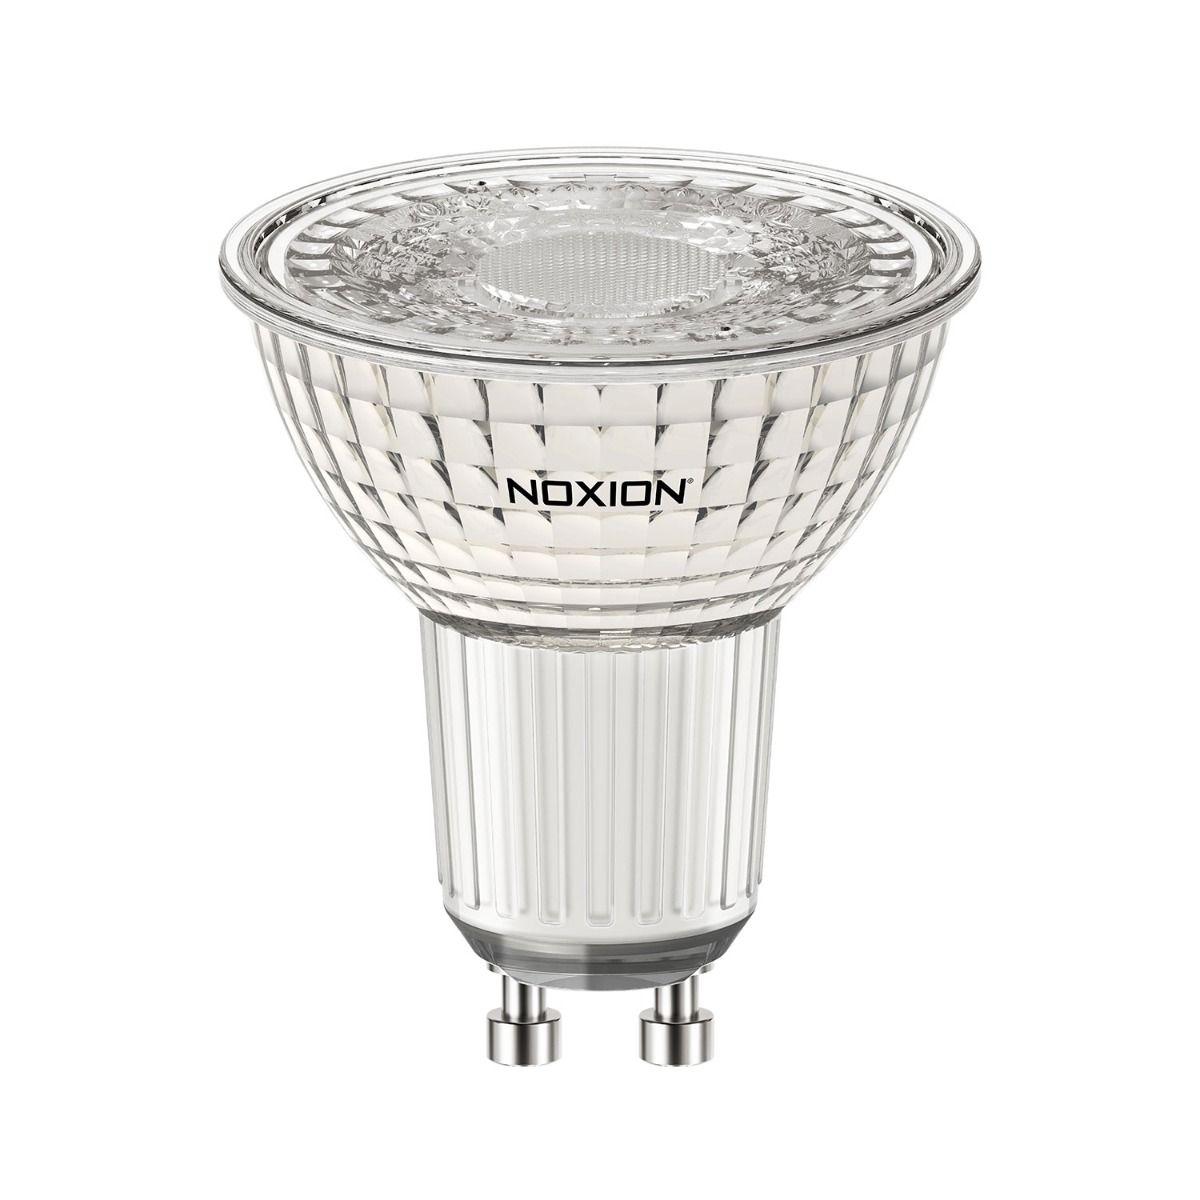 Noxion LED Spot PerfectColor GU10 5.5W 940 60D 480lm | Dimbaar - Vervanger voor 50W